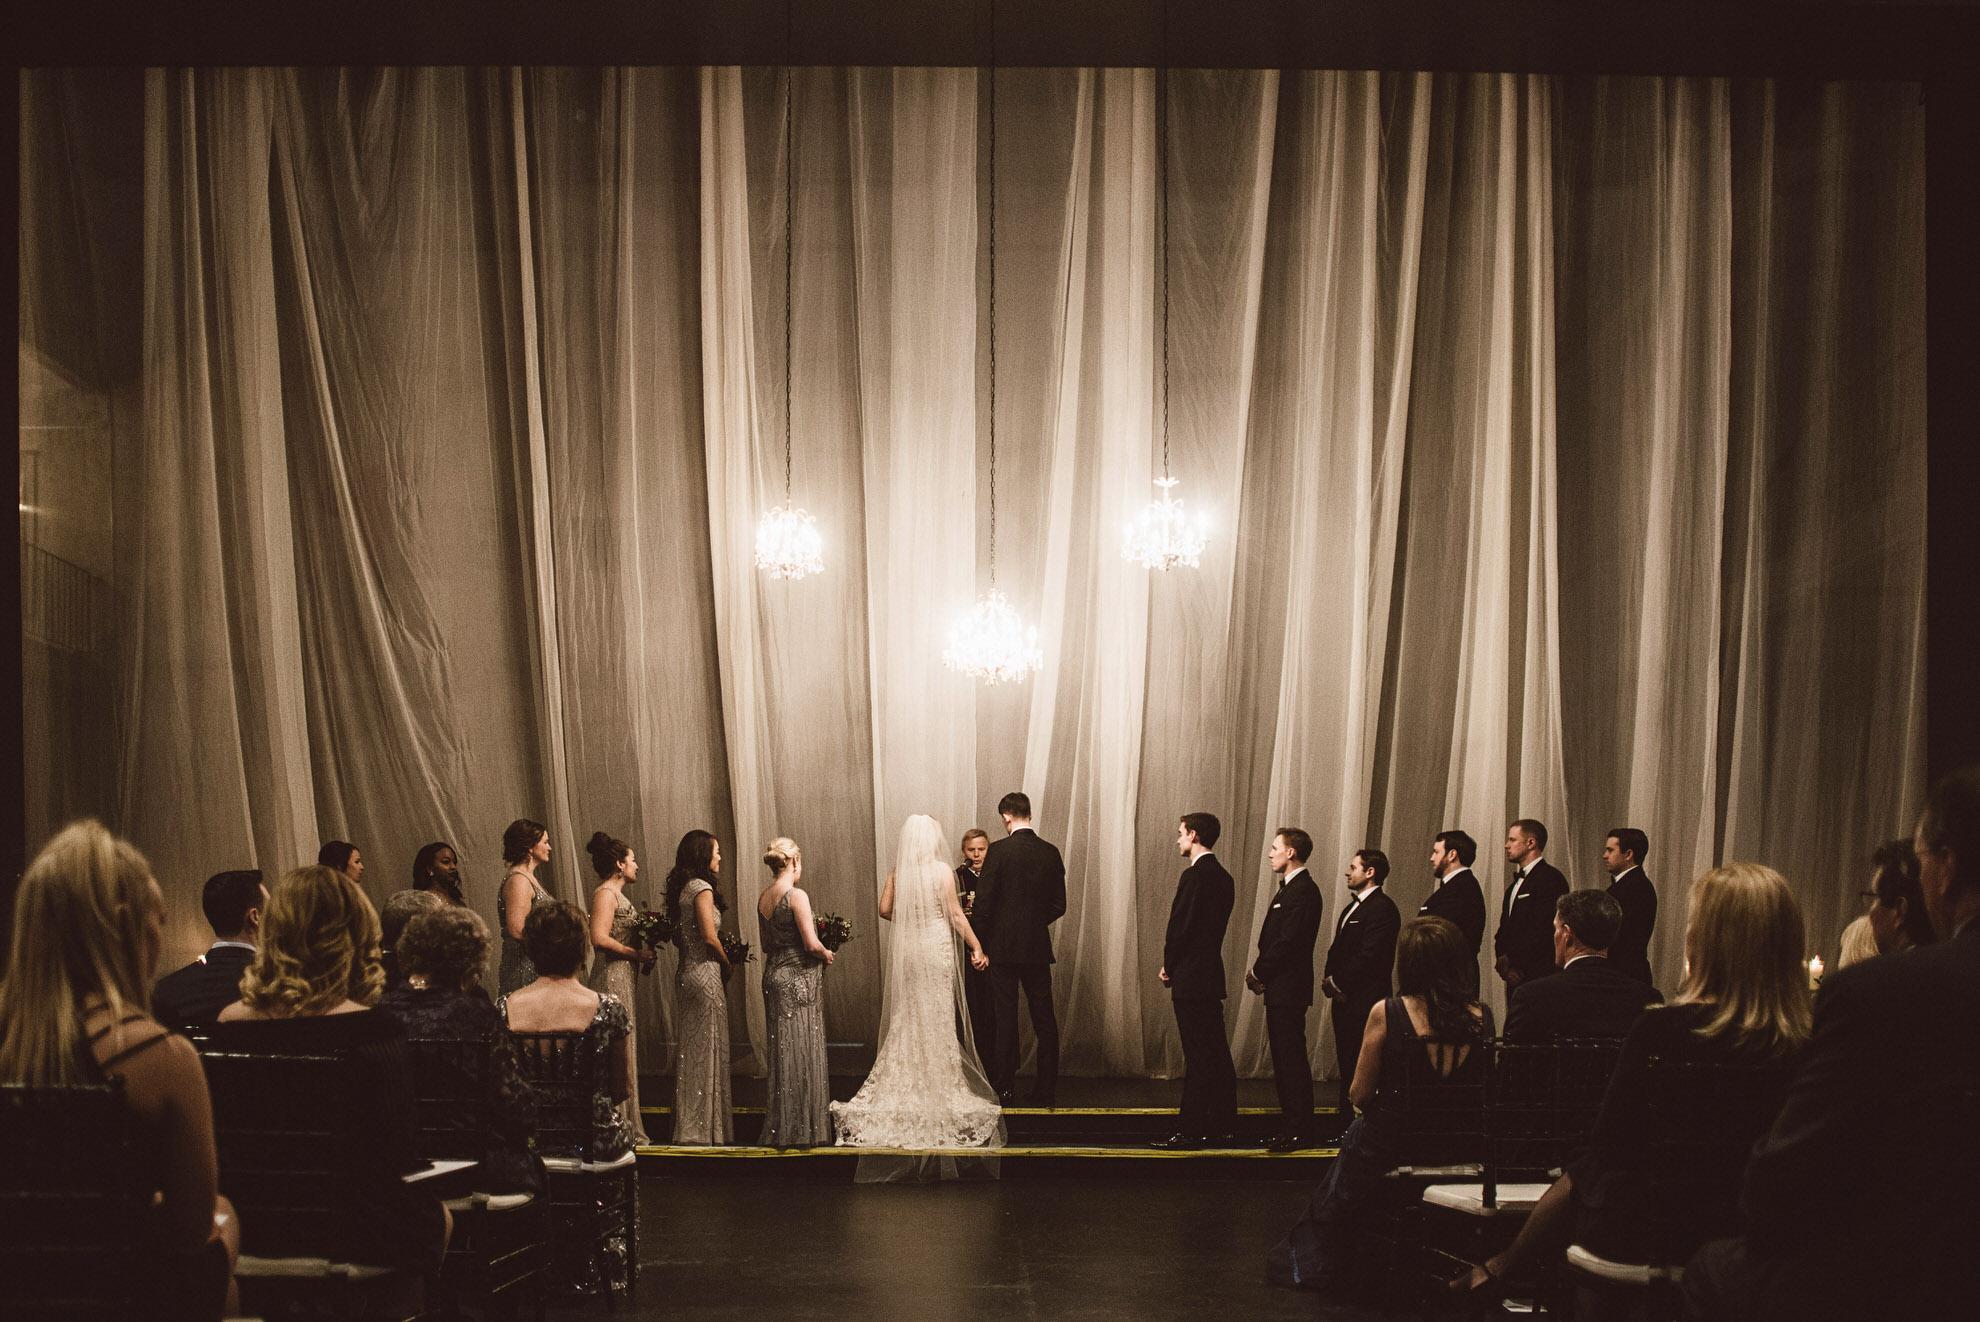 erika_Alex_wedding_by_lucas_botz_photography_0408.jpg